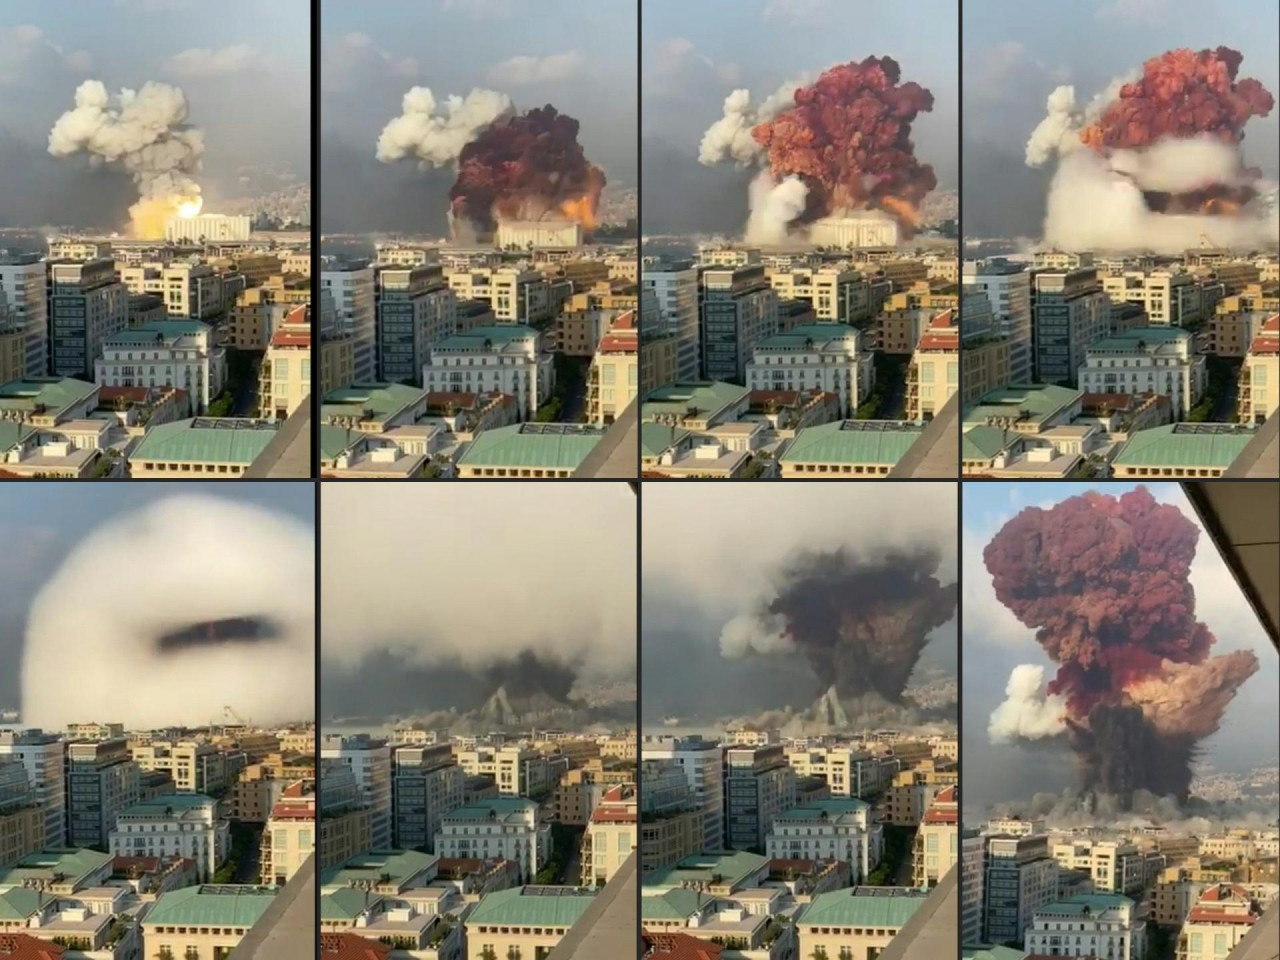 DETONACIJA JEDNAKA SNAZI 20 AMERIČKIH 'MAJKI SVIH BOMBI'! Crne brojke tragedije u Bejrutu: Poginulo je najmanje 135 ljudi, 5.000 povrijeđeno, a nestalo 85 posto žitnih zaliha Libana